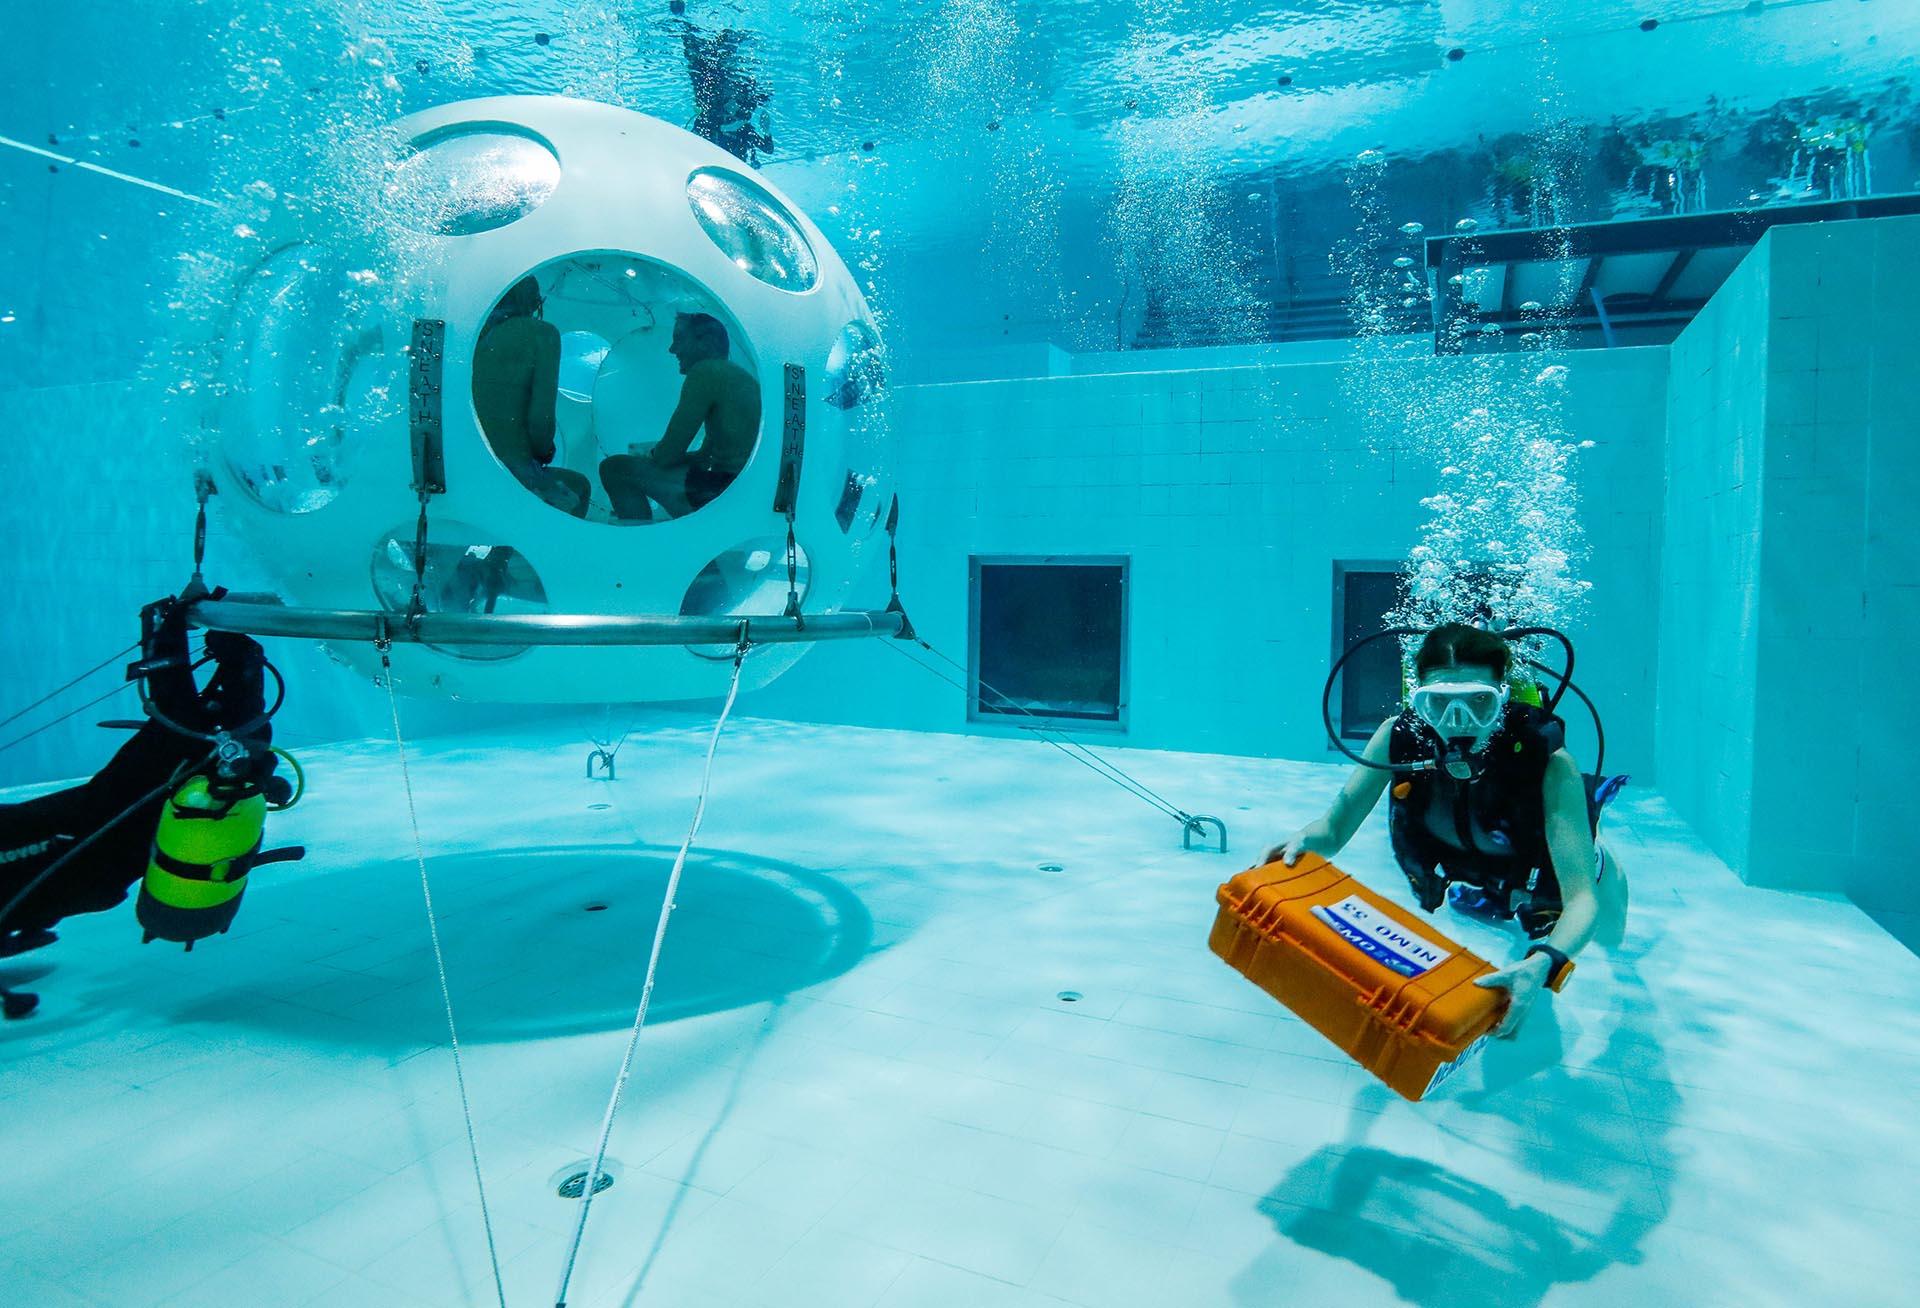 Los comensales quedan suspendidos bajo el agua en una especie de iglú con tensores (Reuters)